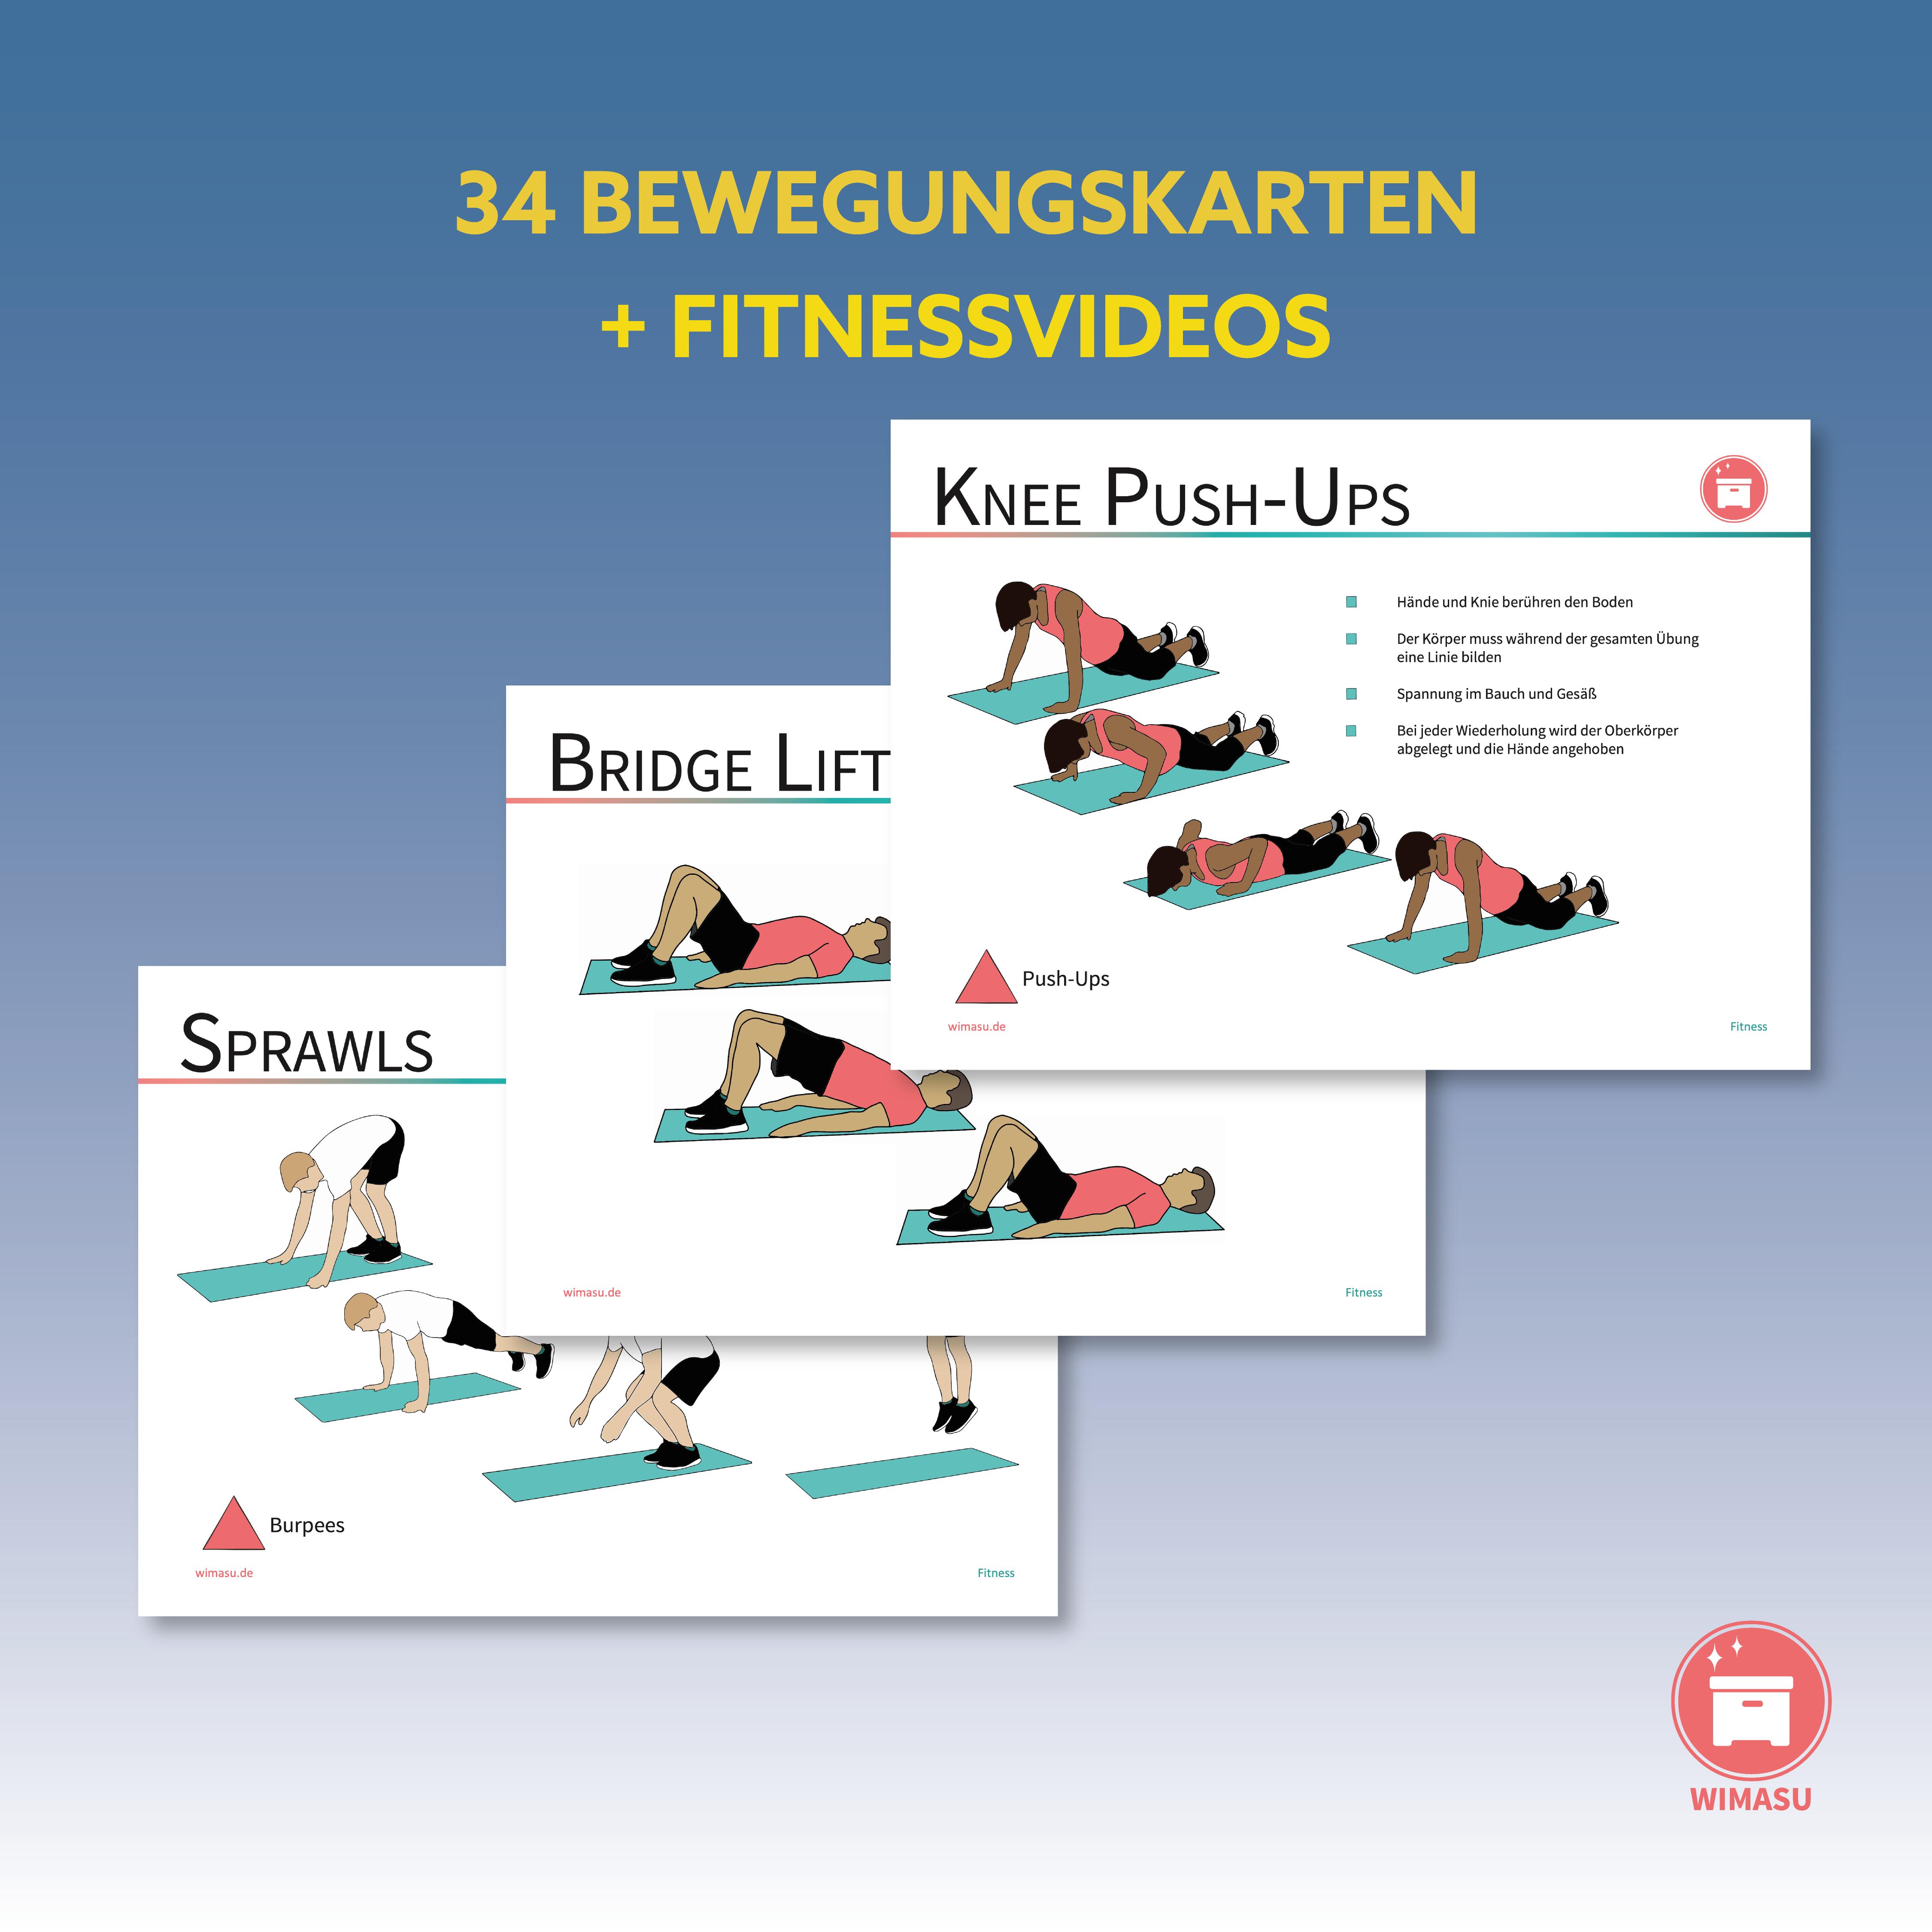 Fitness Sportunterricht Wimasu1